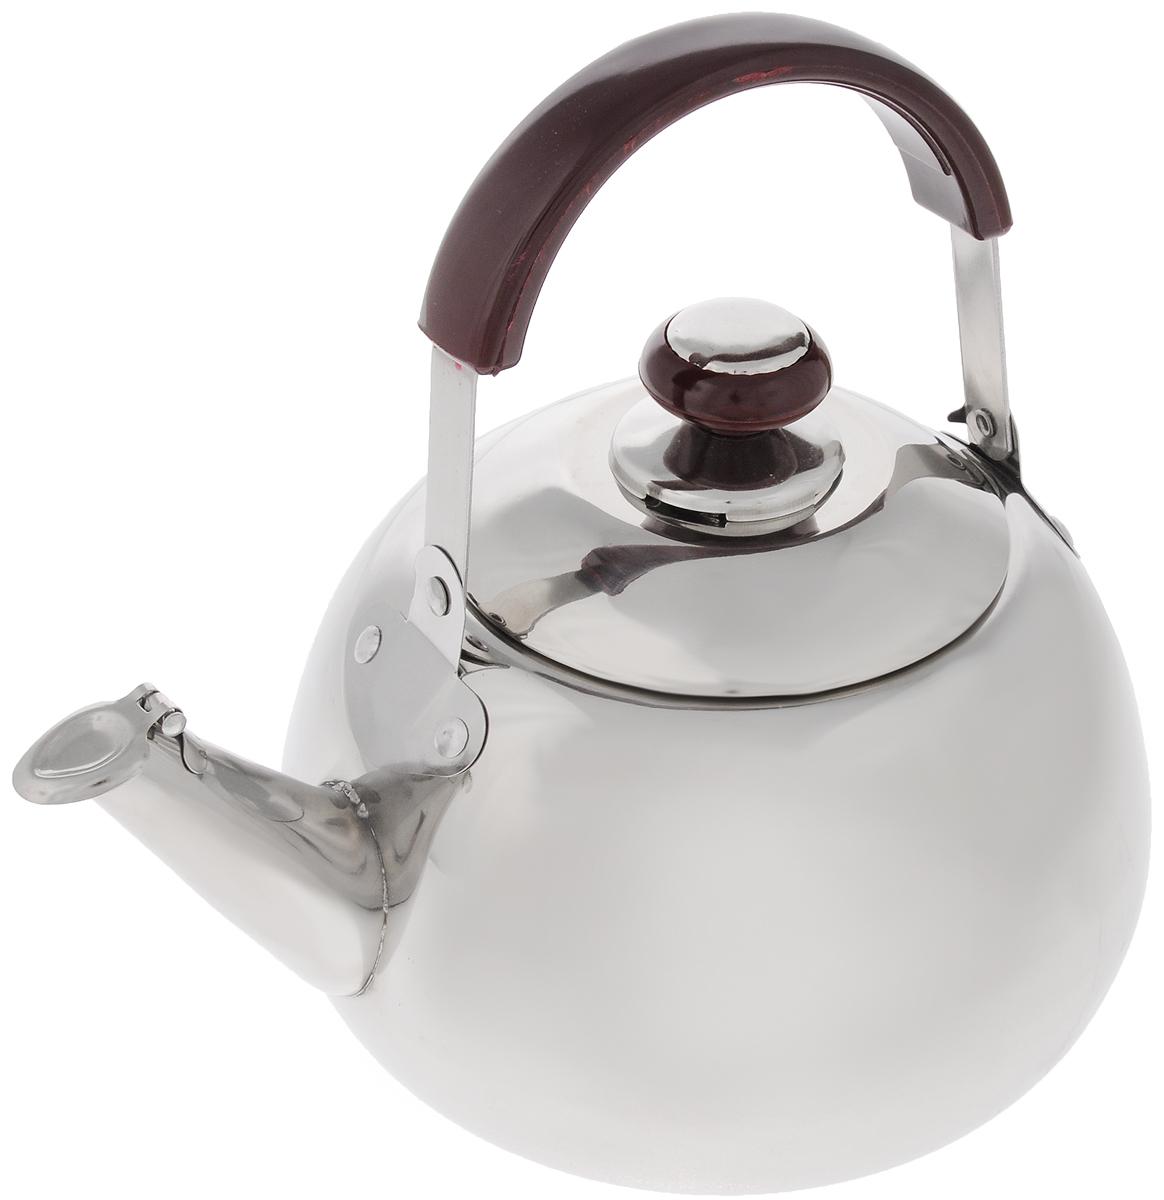 Чайник Mayer & Boch, со свистком, 3 л. 25232523Чайник Mayer & Boch изготовлен из высококачественной нержавеющей стали. Он оснащен подвижной ручкой из стали и бакелитовой накладкой, что делает использование чайника очень удобным и безопасным. Крышка снабжена свистком, позволяя контролировать процесс подогрева или кипячения воды. Капсулированное дно с прослойкой из алюминия обеспечивает наилучшее распределение тепла. Эстетичный и функциональный, с эксклюзивным дизайном, чайник будет оригинально смотреться в любом интерьере.Подходит для стеклокерамических, газовых и электрических плит. Не подходит для индукционных плит. Можно мыть в посудомоечной машине.Высота чайника (без учета ручки и крышки): 11,5 см.Высота чайника (с учетом ручки и крышки): 23,5 см.Диаметр чайника (по верхнему краю): 11 см.